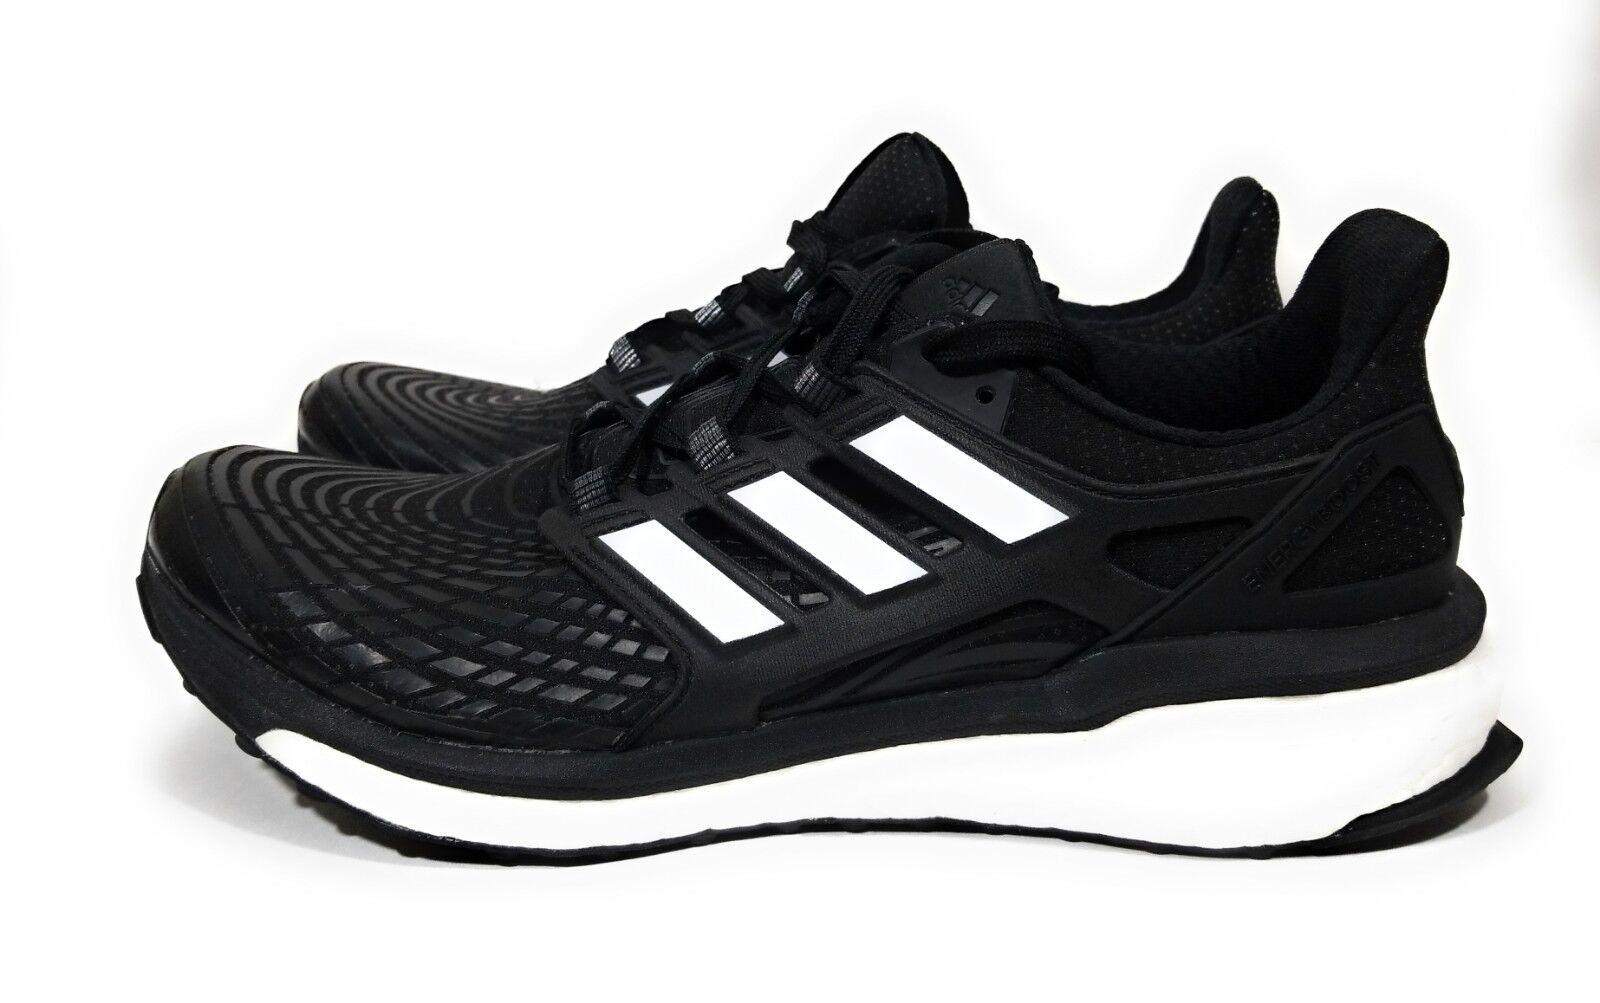 adidas élan d'énergie de formation blanc, noir ou blanc, formation croix chaussures taille 10,5 5604e2